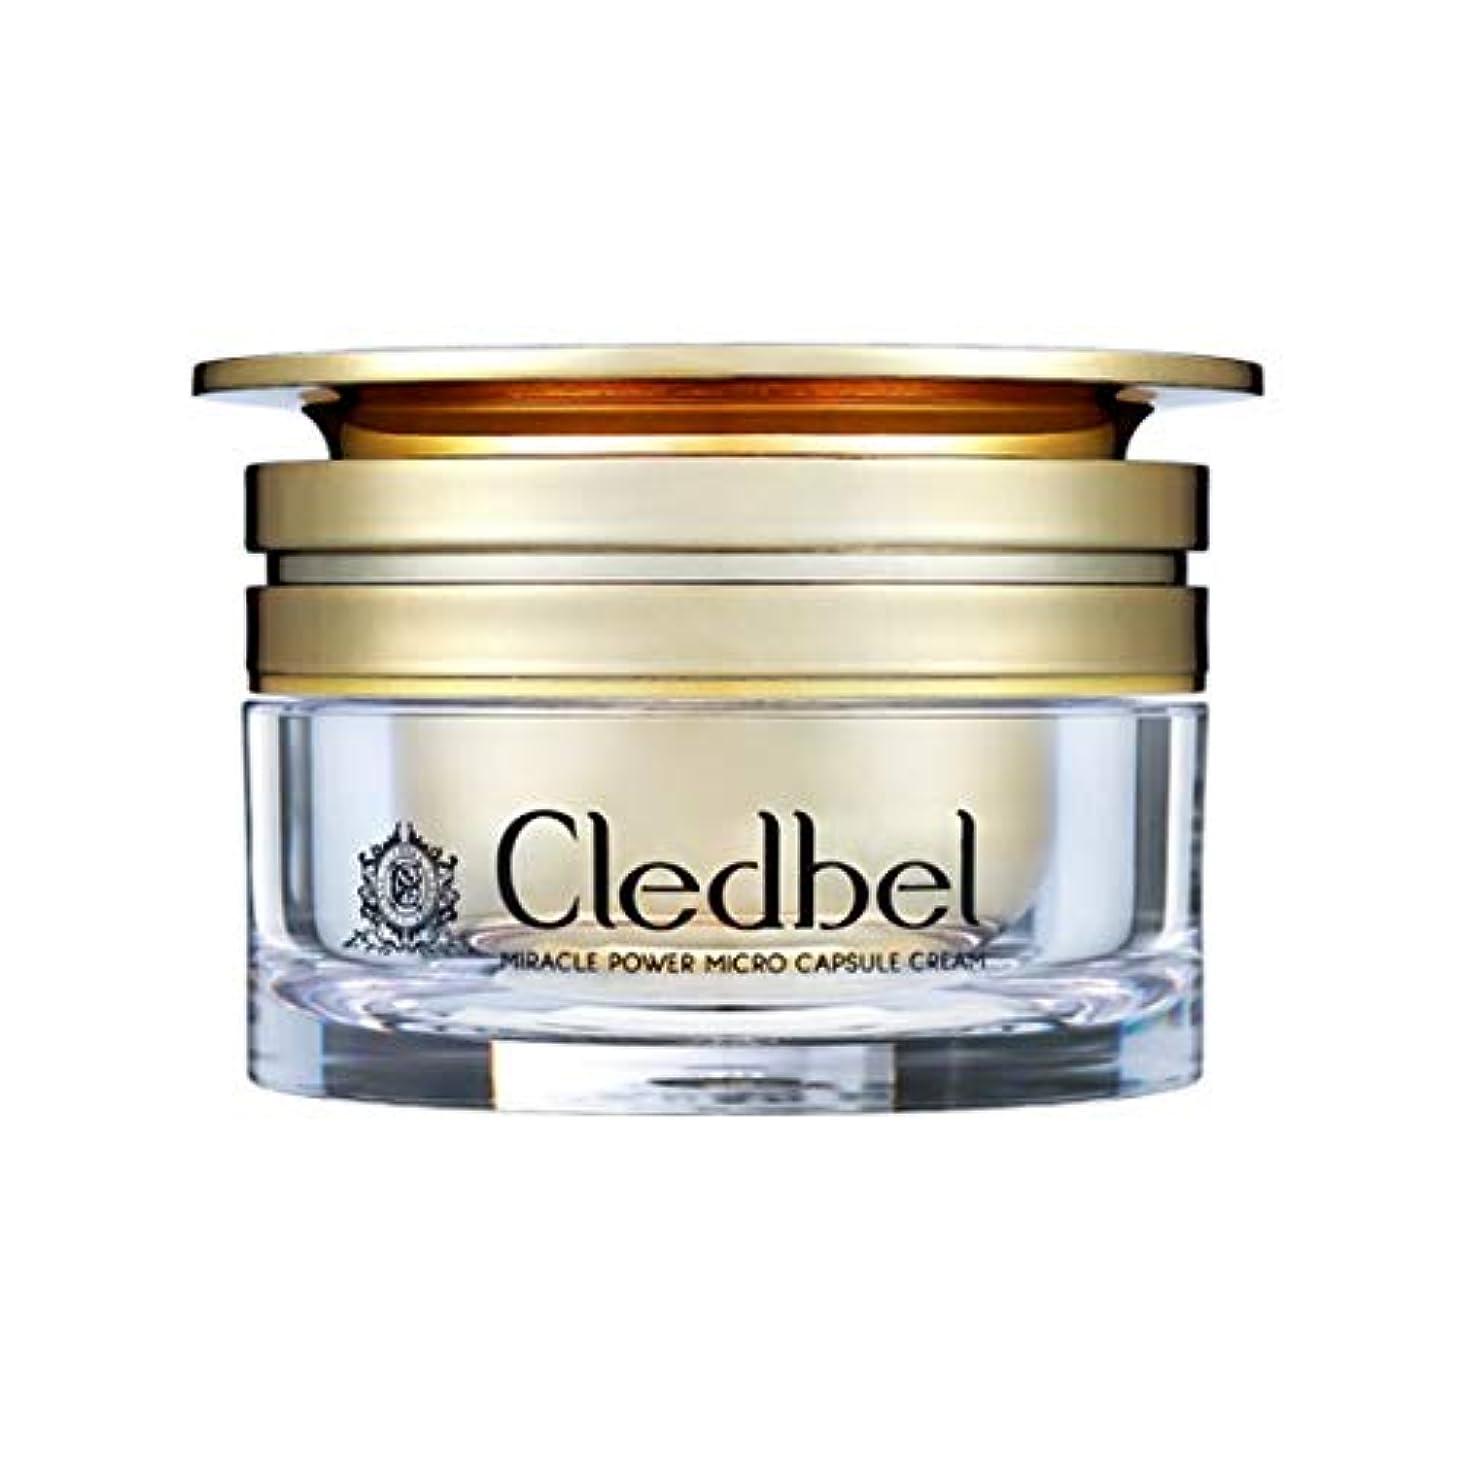 ご意見ルール一般的な[cledbel] Miracle Power Micro Capsule Cream 50ml / ミラクルパワーマイクロカプセルクリーム 50ml [並行輸入品]